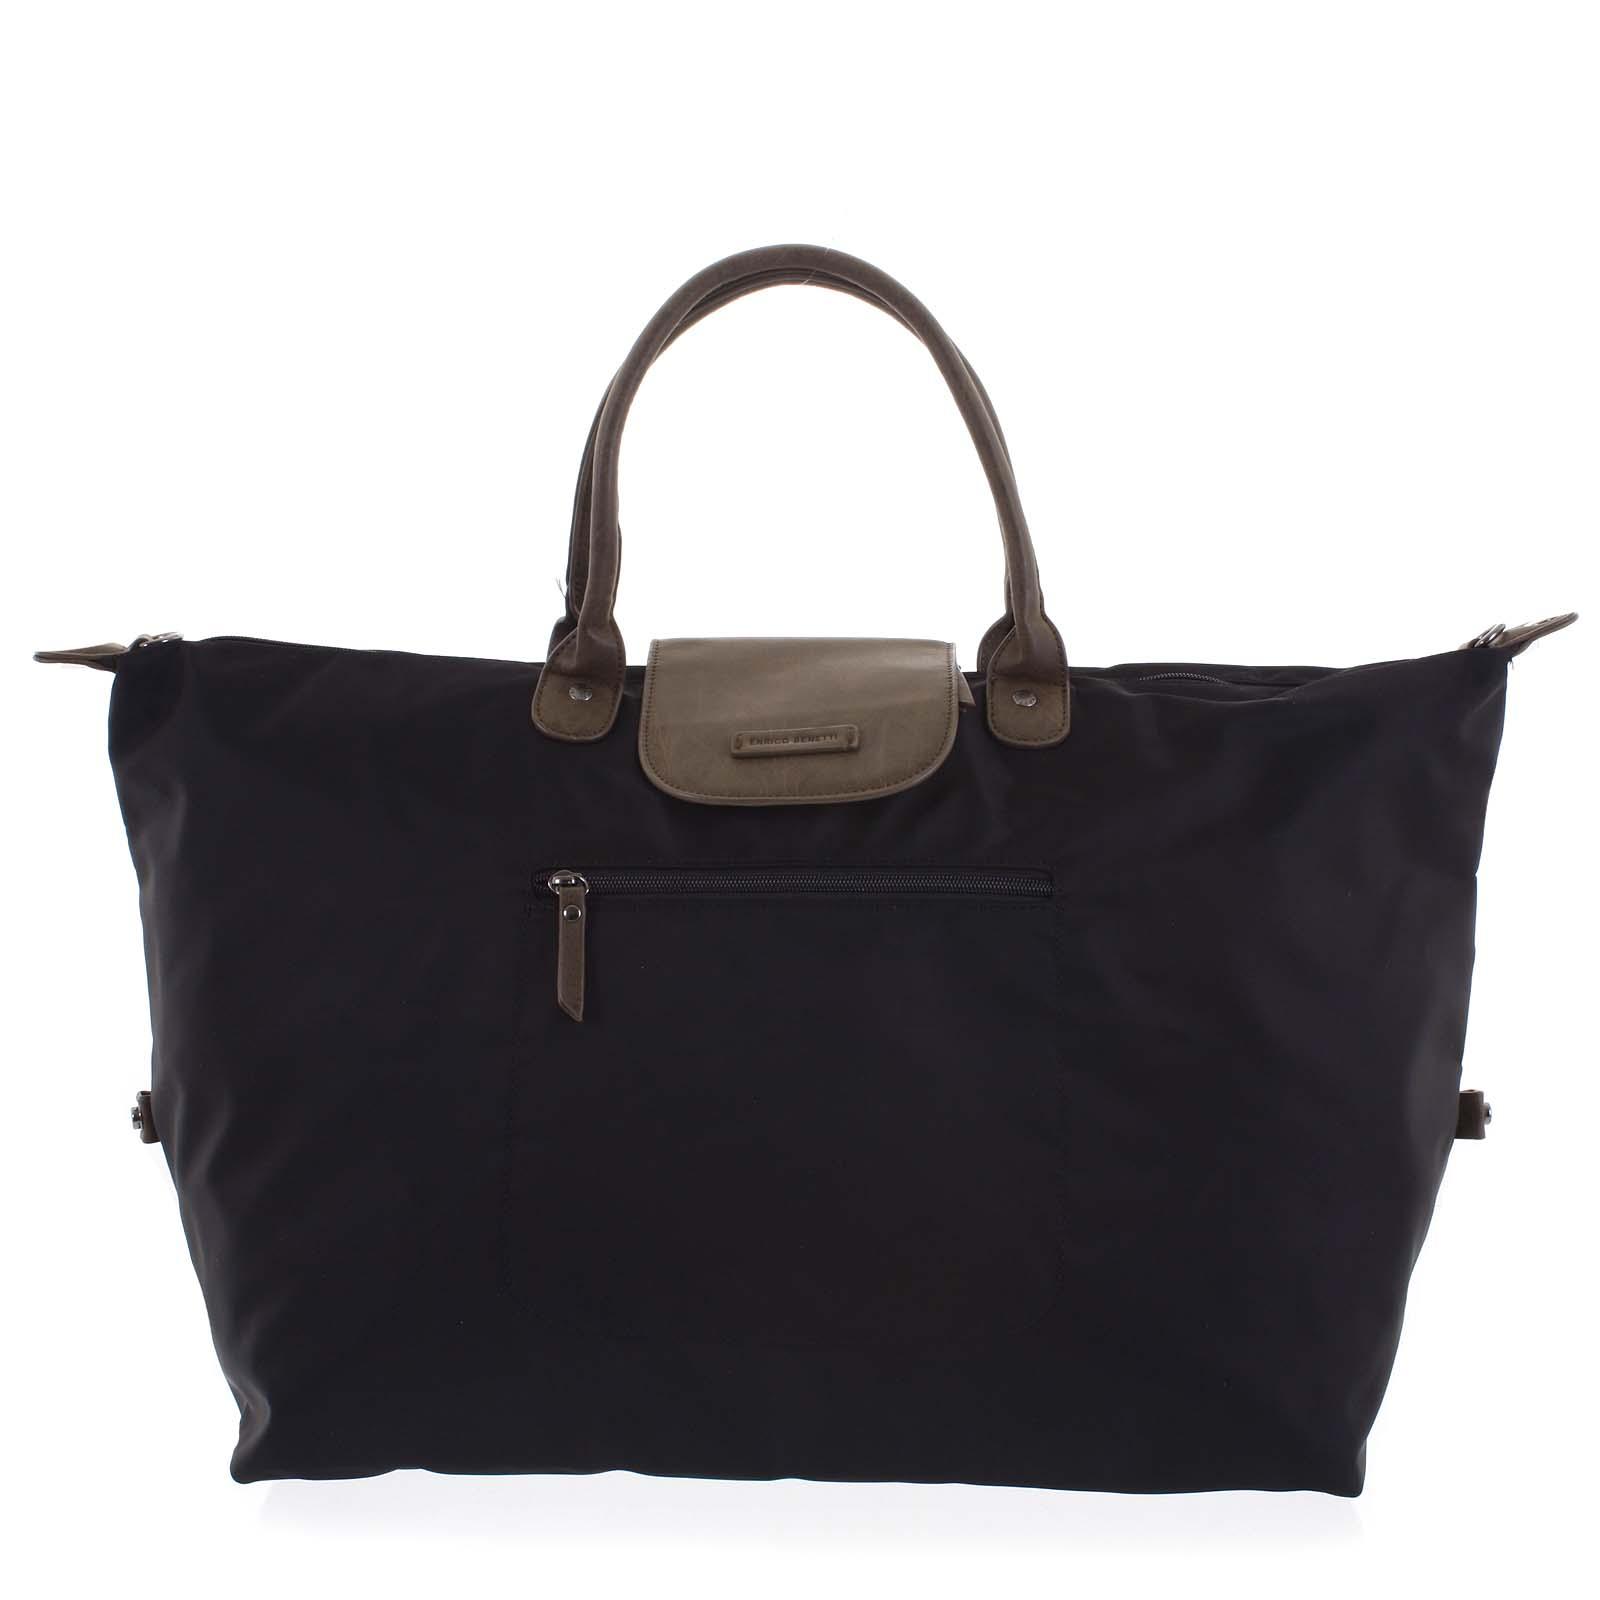 Voděodolná cestovní taška černá - Enrico Benetti Maroony